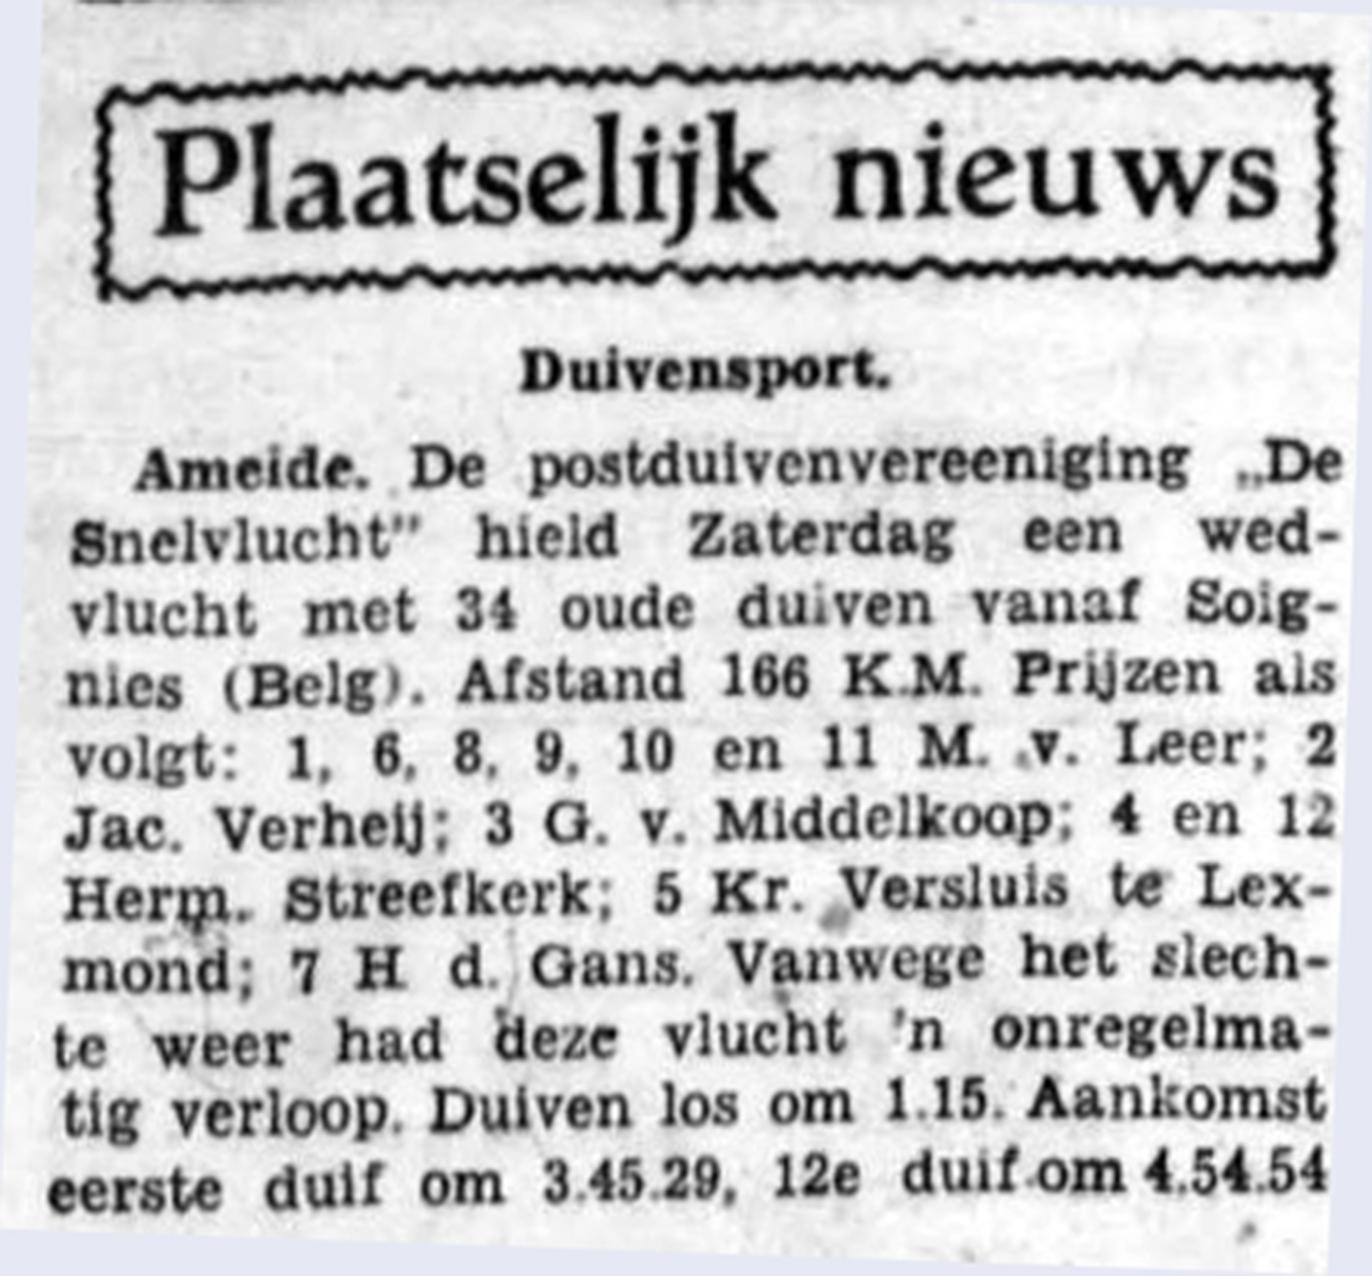 schoonhovensche-courant-06811-1937-05-21-artikel-3